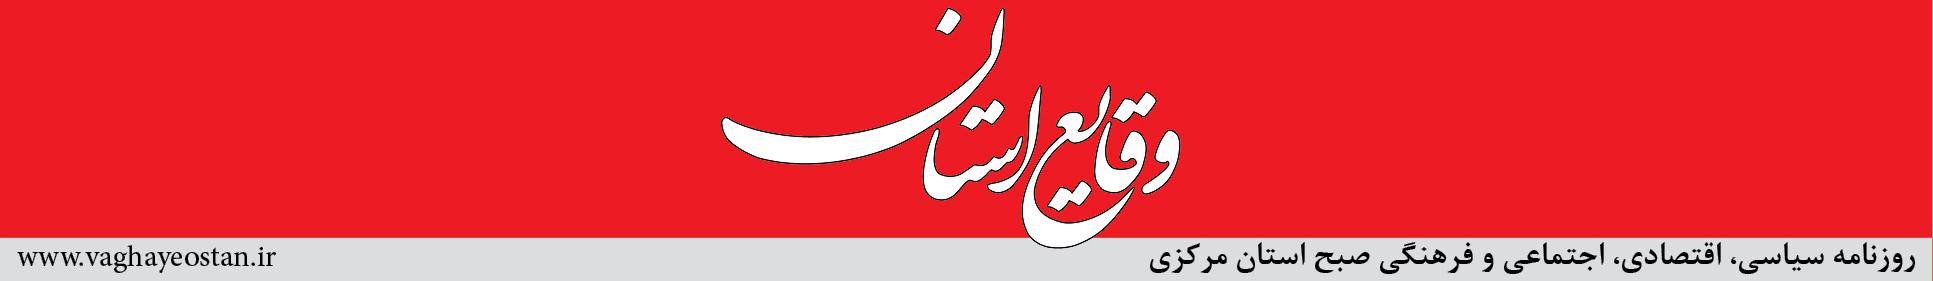 روزنامه وقایع استان